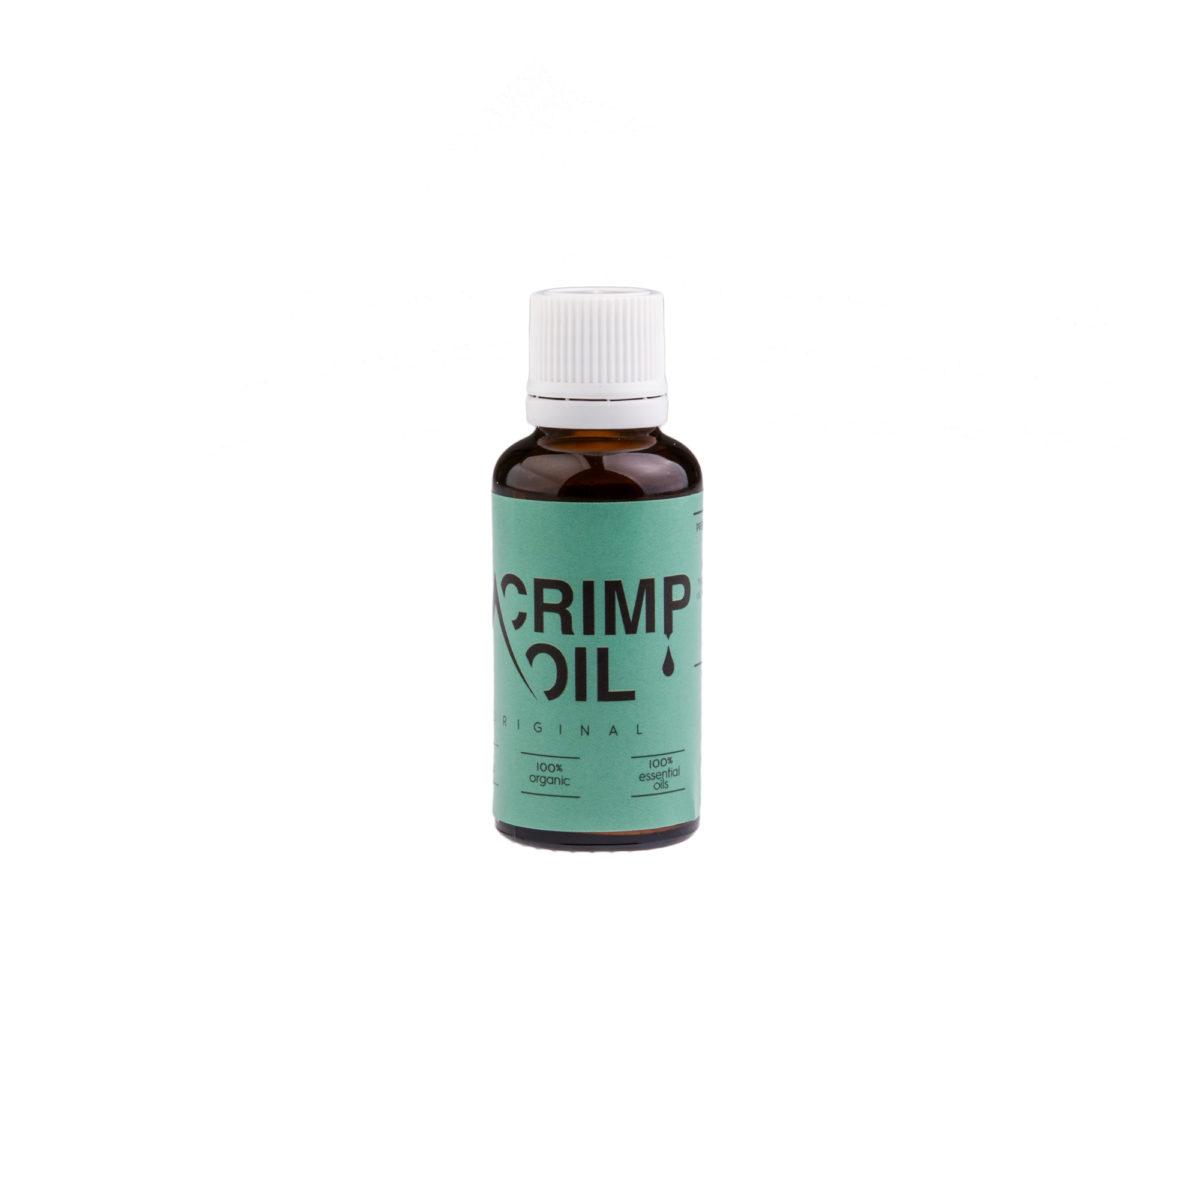 crimp oil original